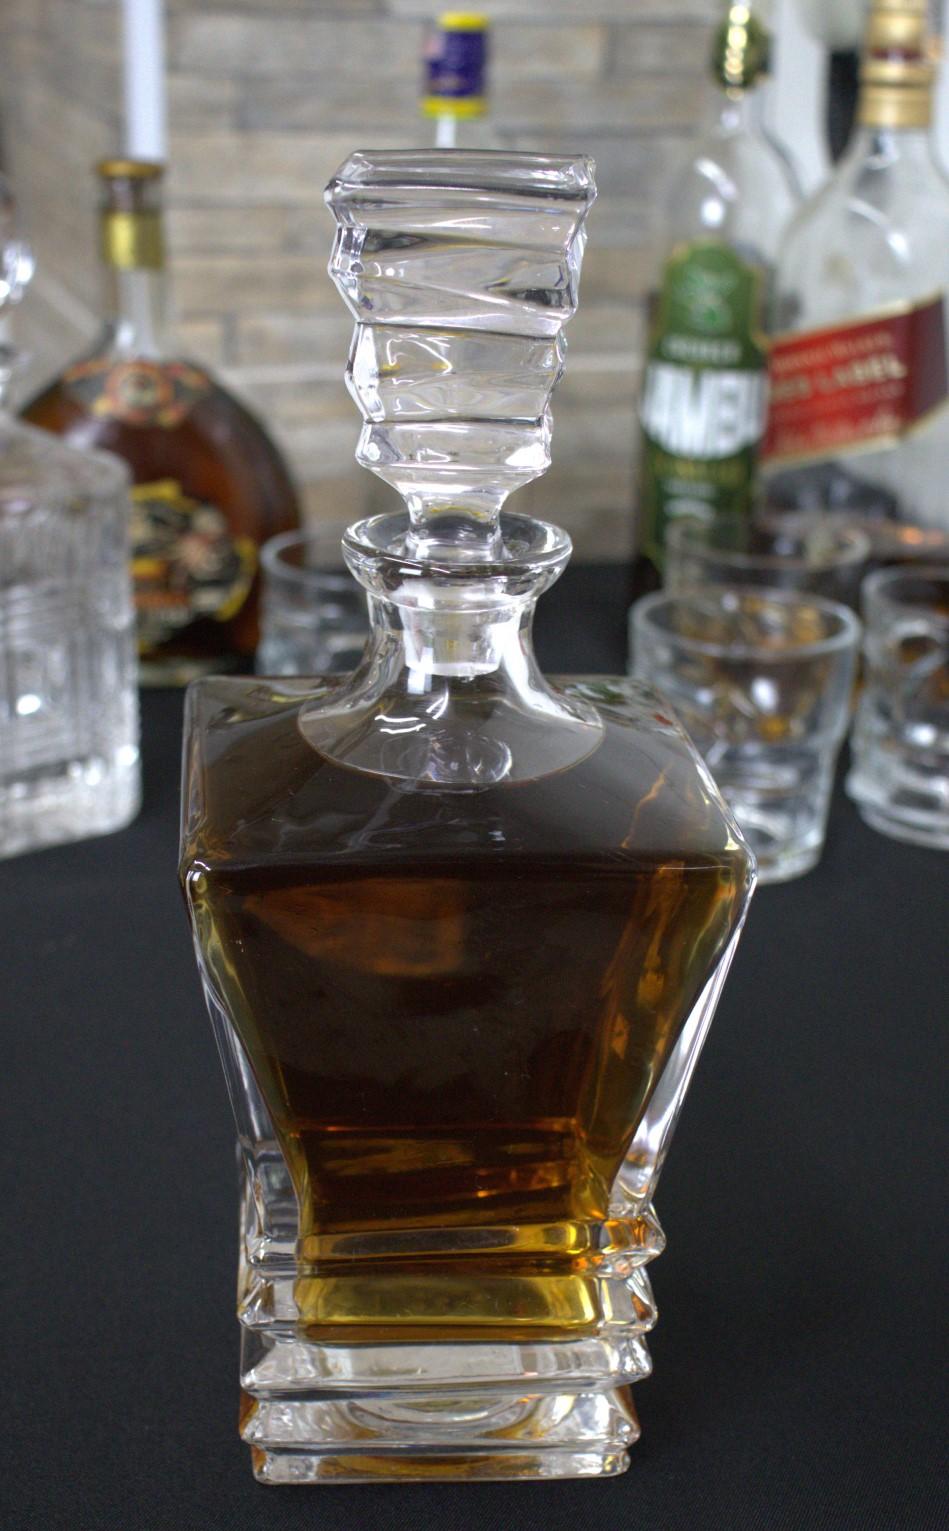 Garrafa de whisky licoreira de cristal ecologico retrô vintage licor garrafas de bebidas 840ml